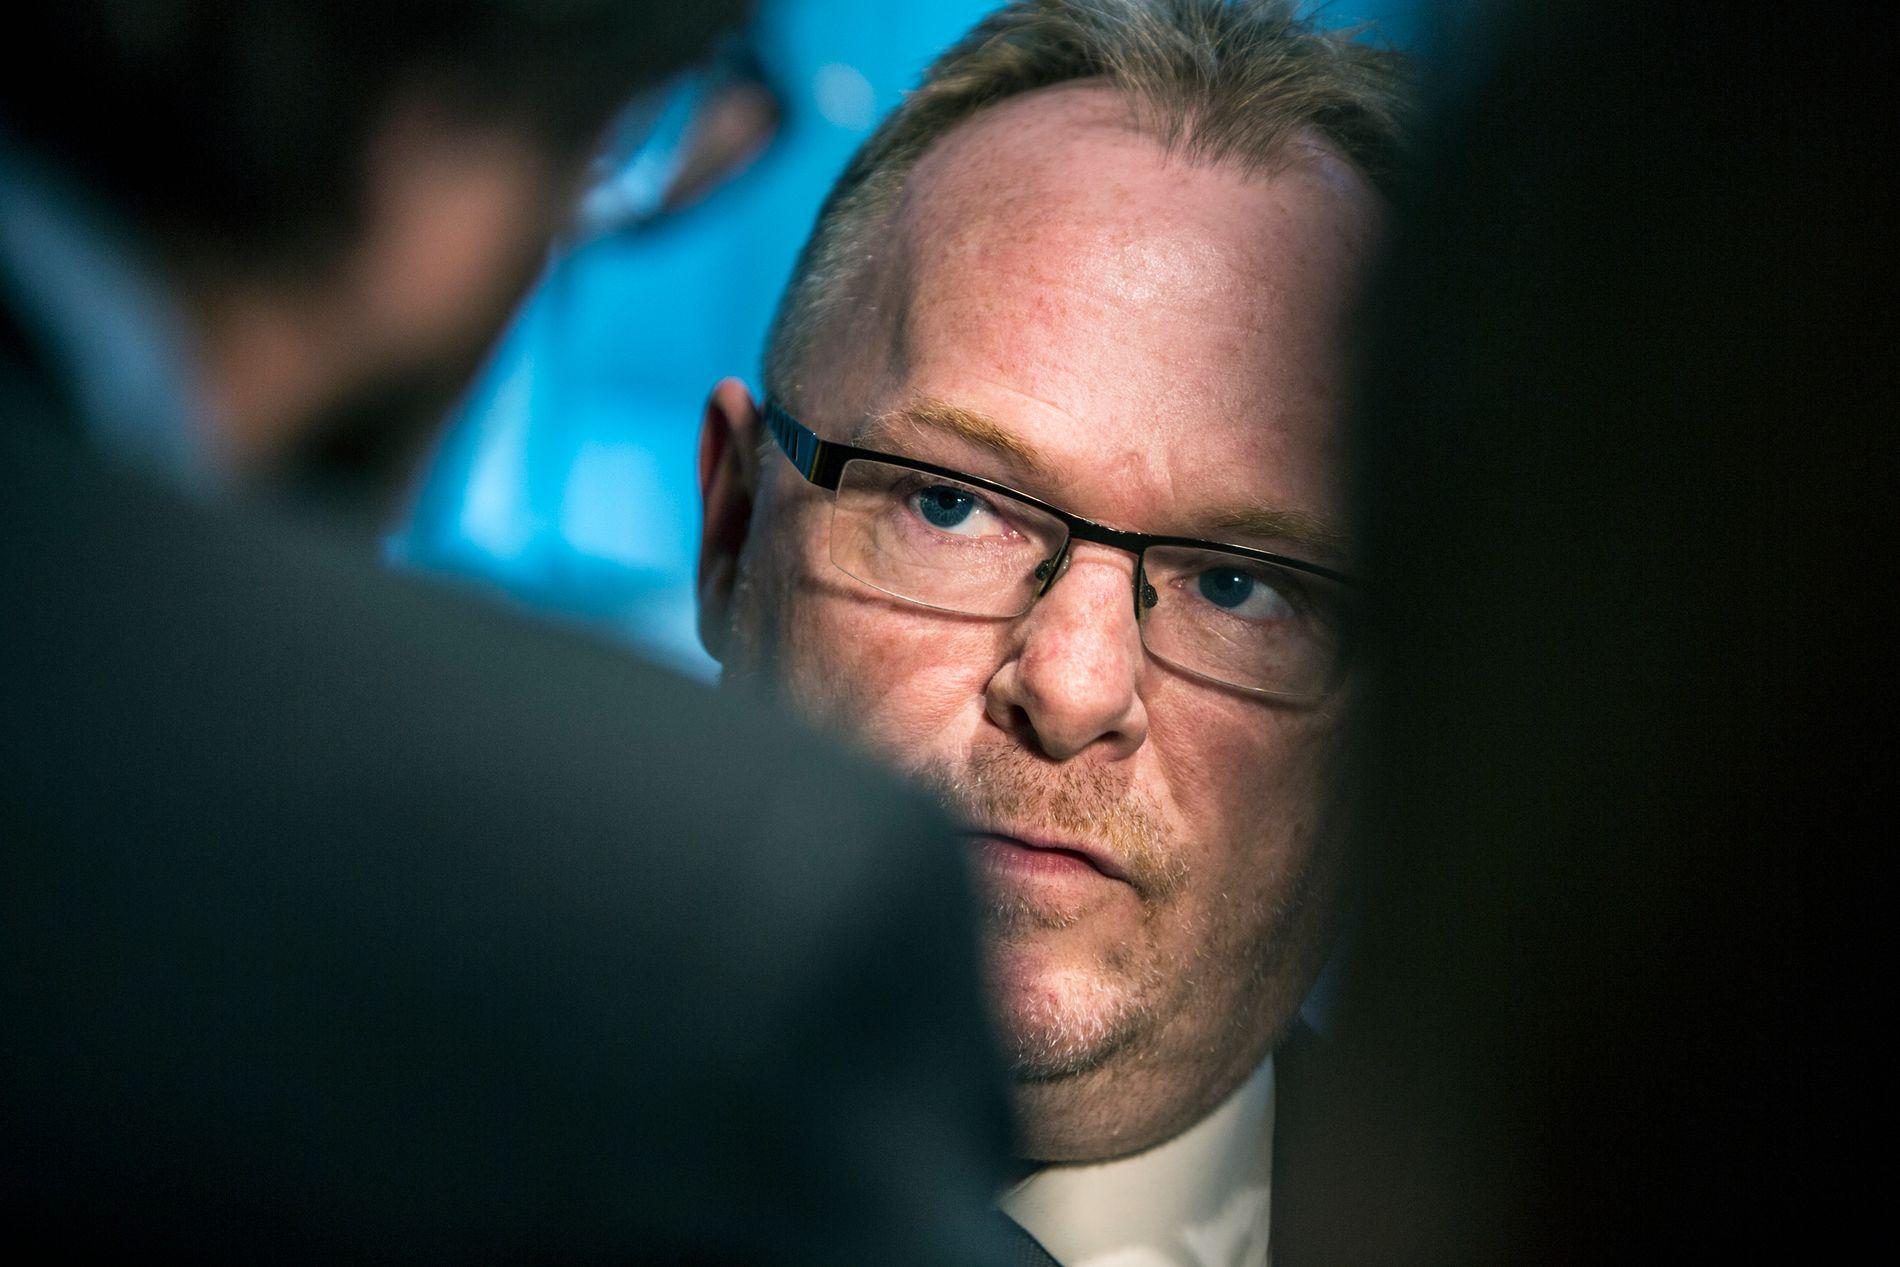 FOLKELIG: Fiskeriminister og nestleder Per Sandberg representerer de folkelige protestvelgerne i regjering. Han står for støy, provokasjon og snakk fra leveren.